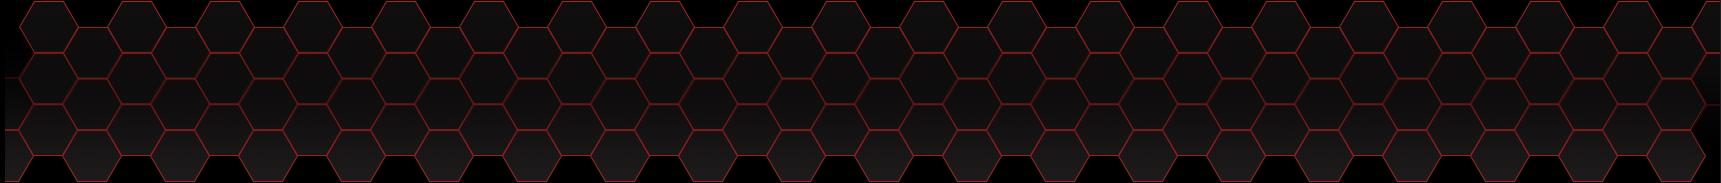 Hexagon-Bg-Trenner